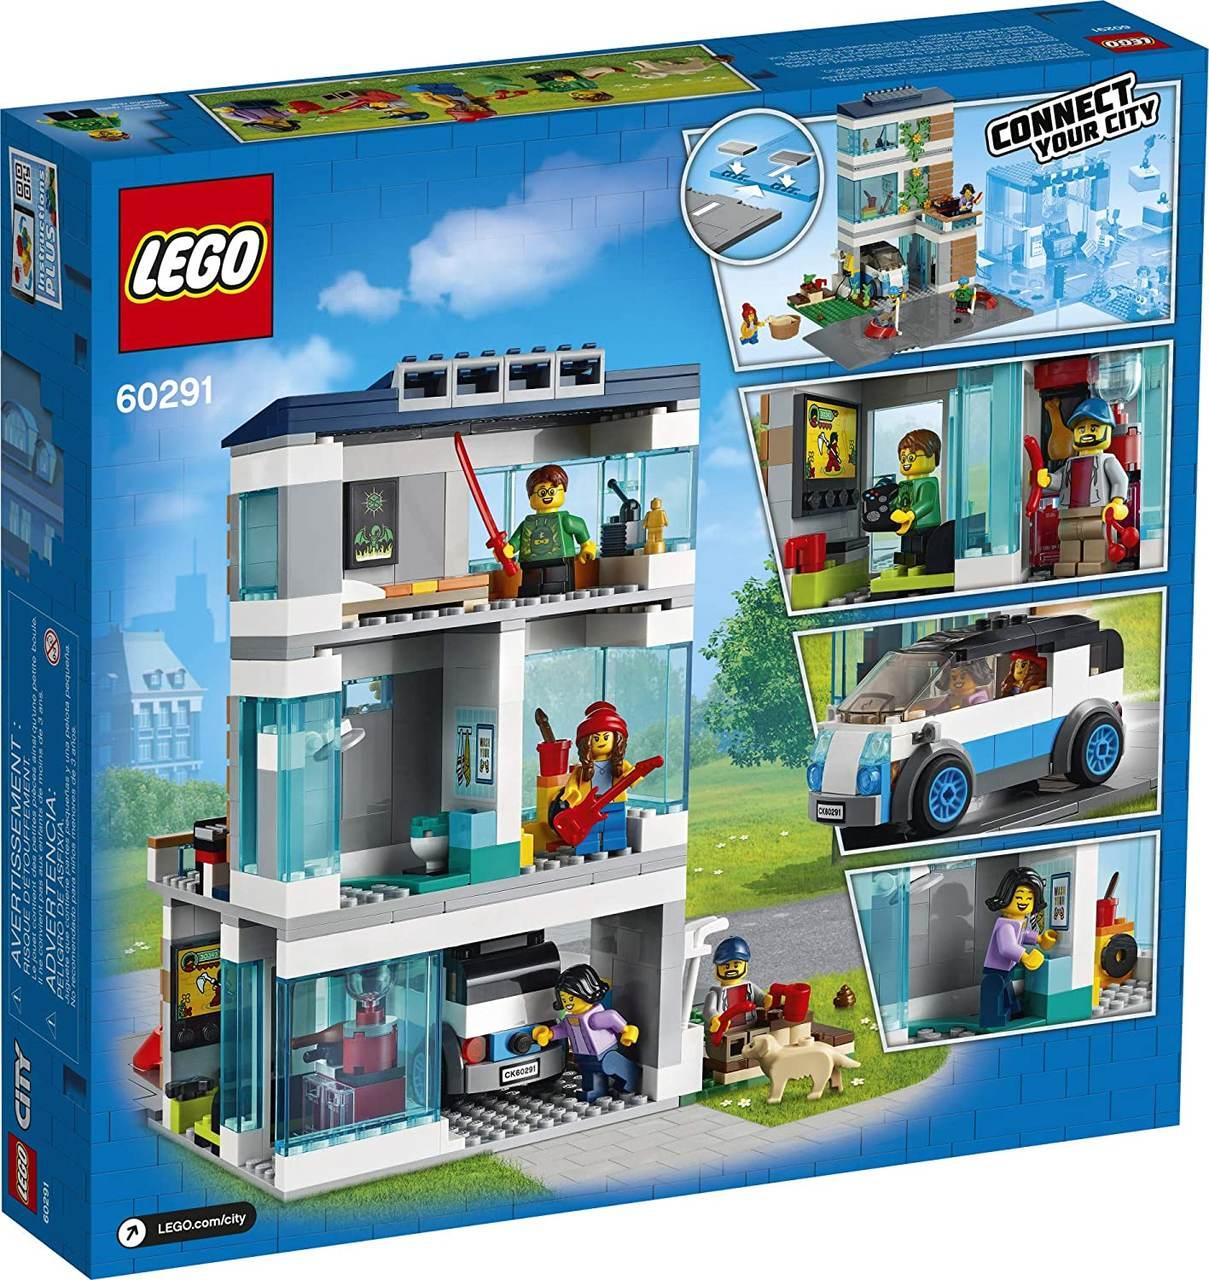 Lego City 60291 - Casa De Família Moderna 388 peças